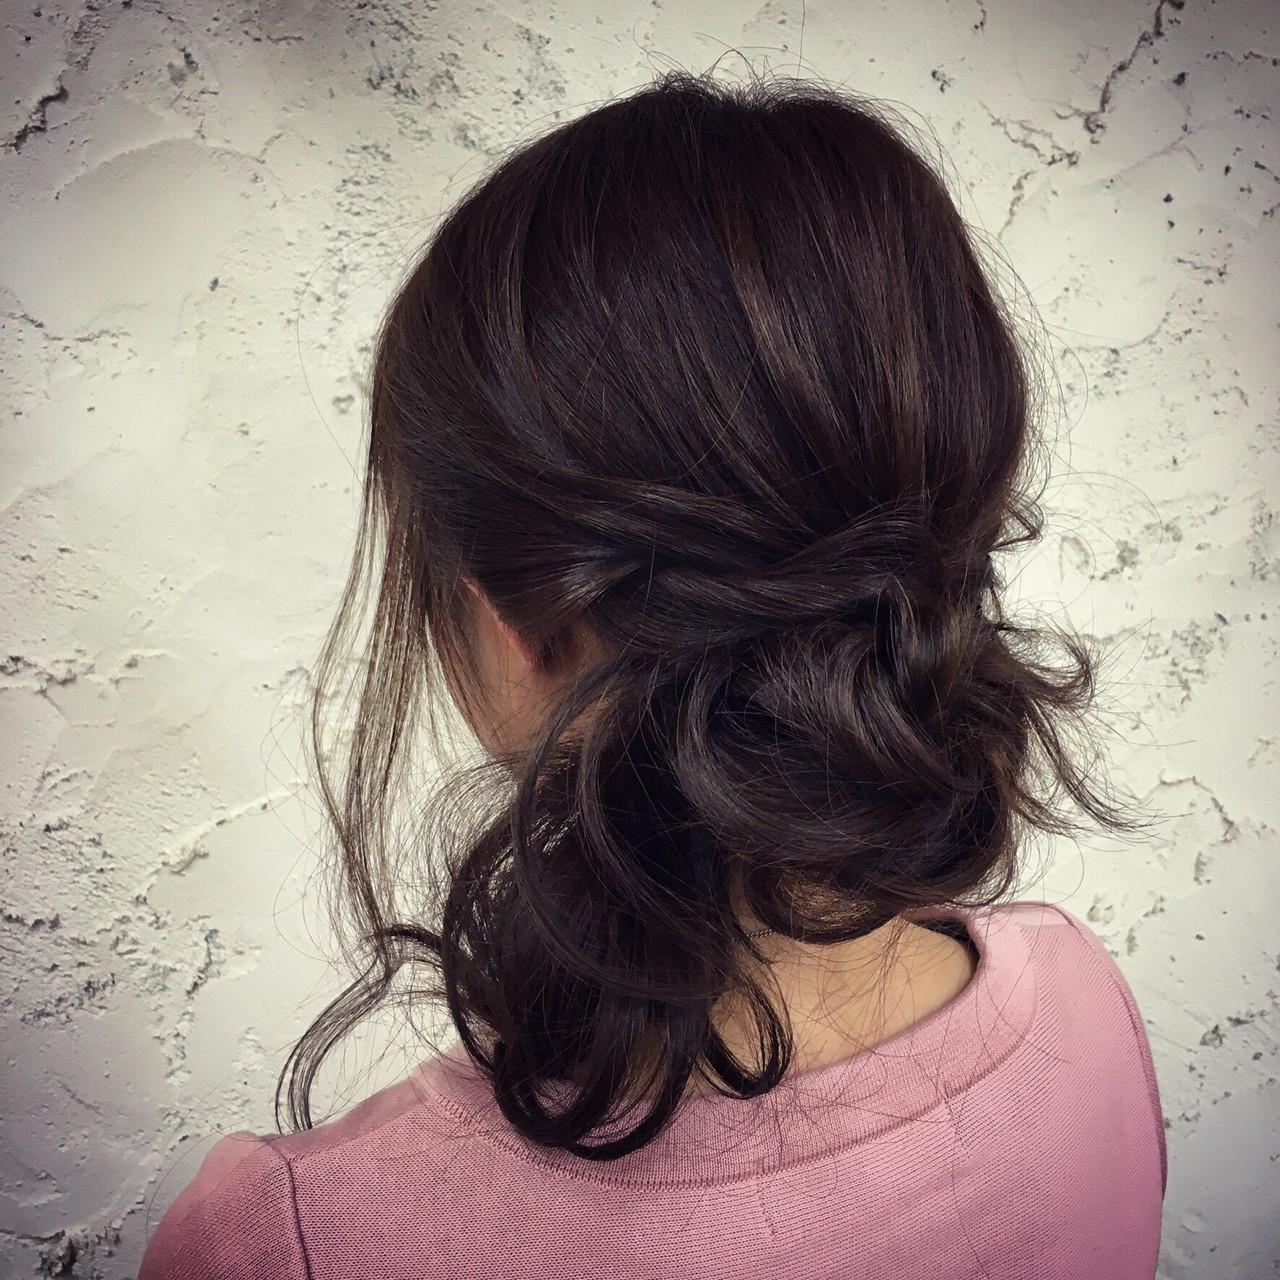 ナチュラル 簡単ヘアアレンジ モテ髪 愛され ヘアスタイルや髪型の写真・画像 | Fujimoto Kazuhito / hair resort Lino